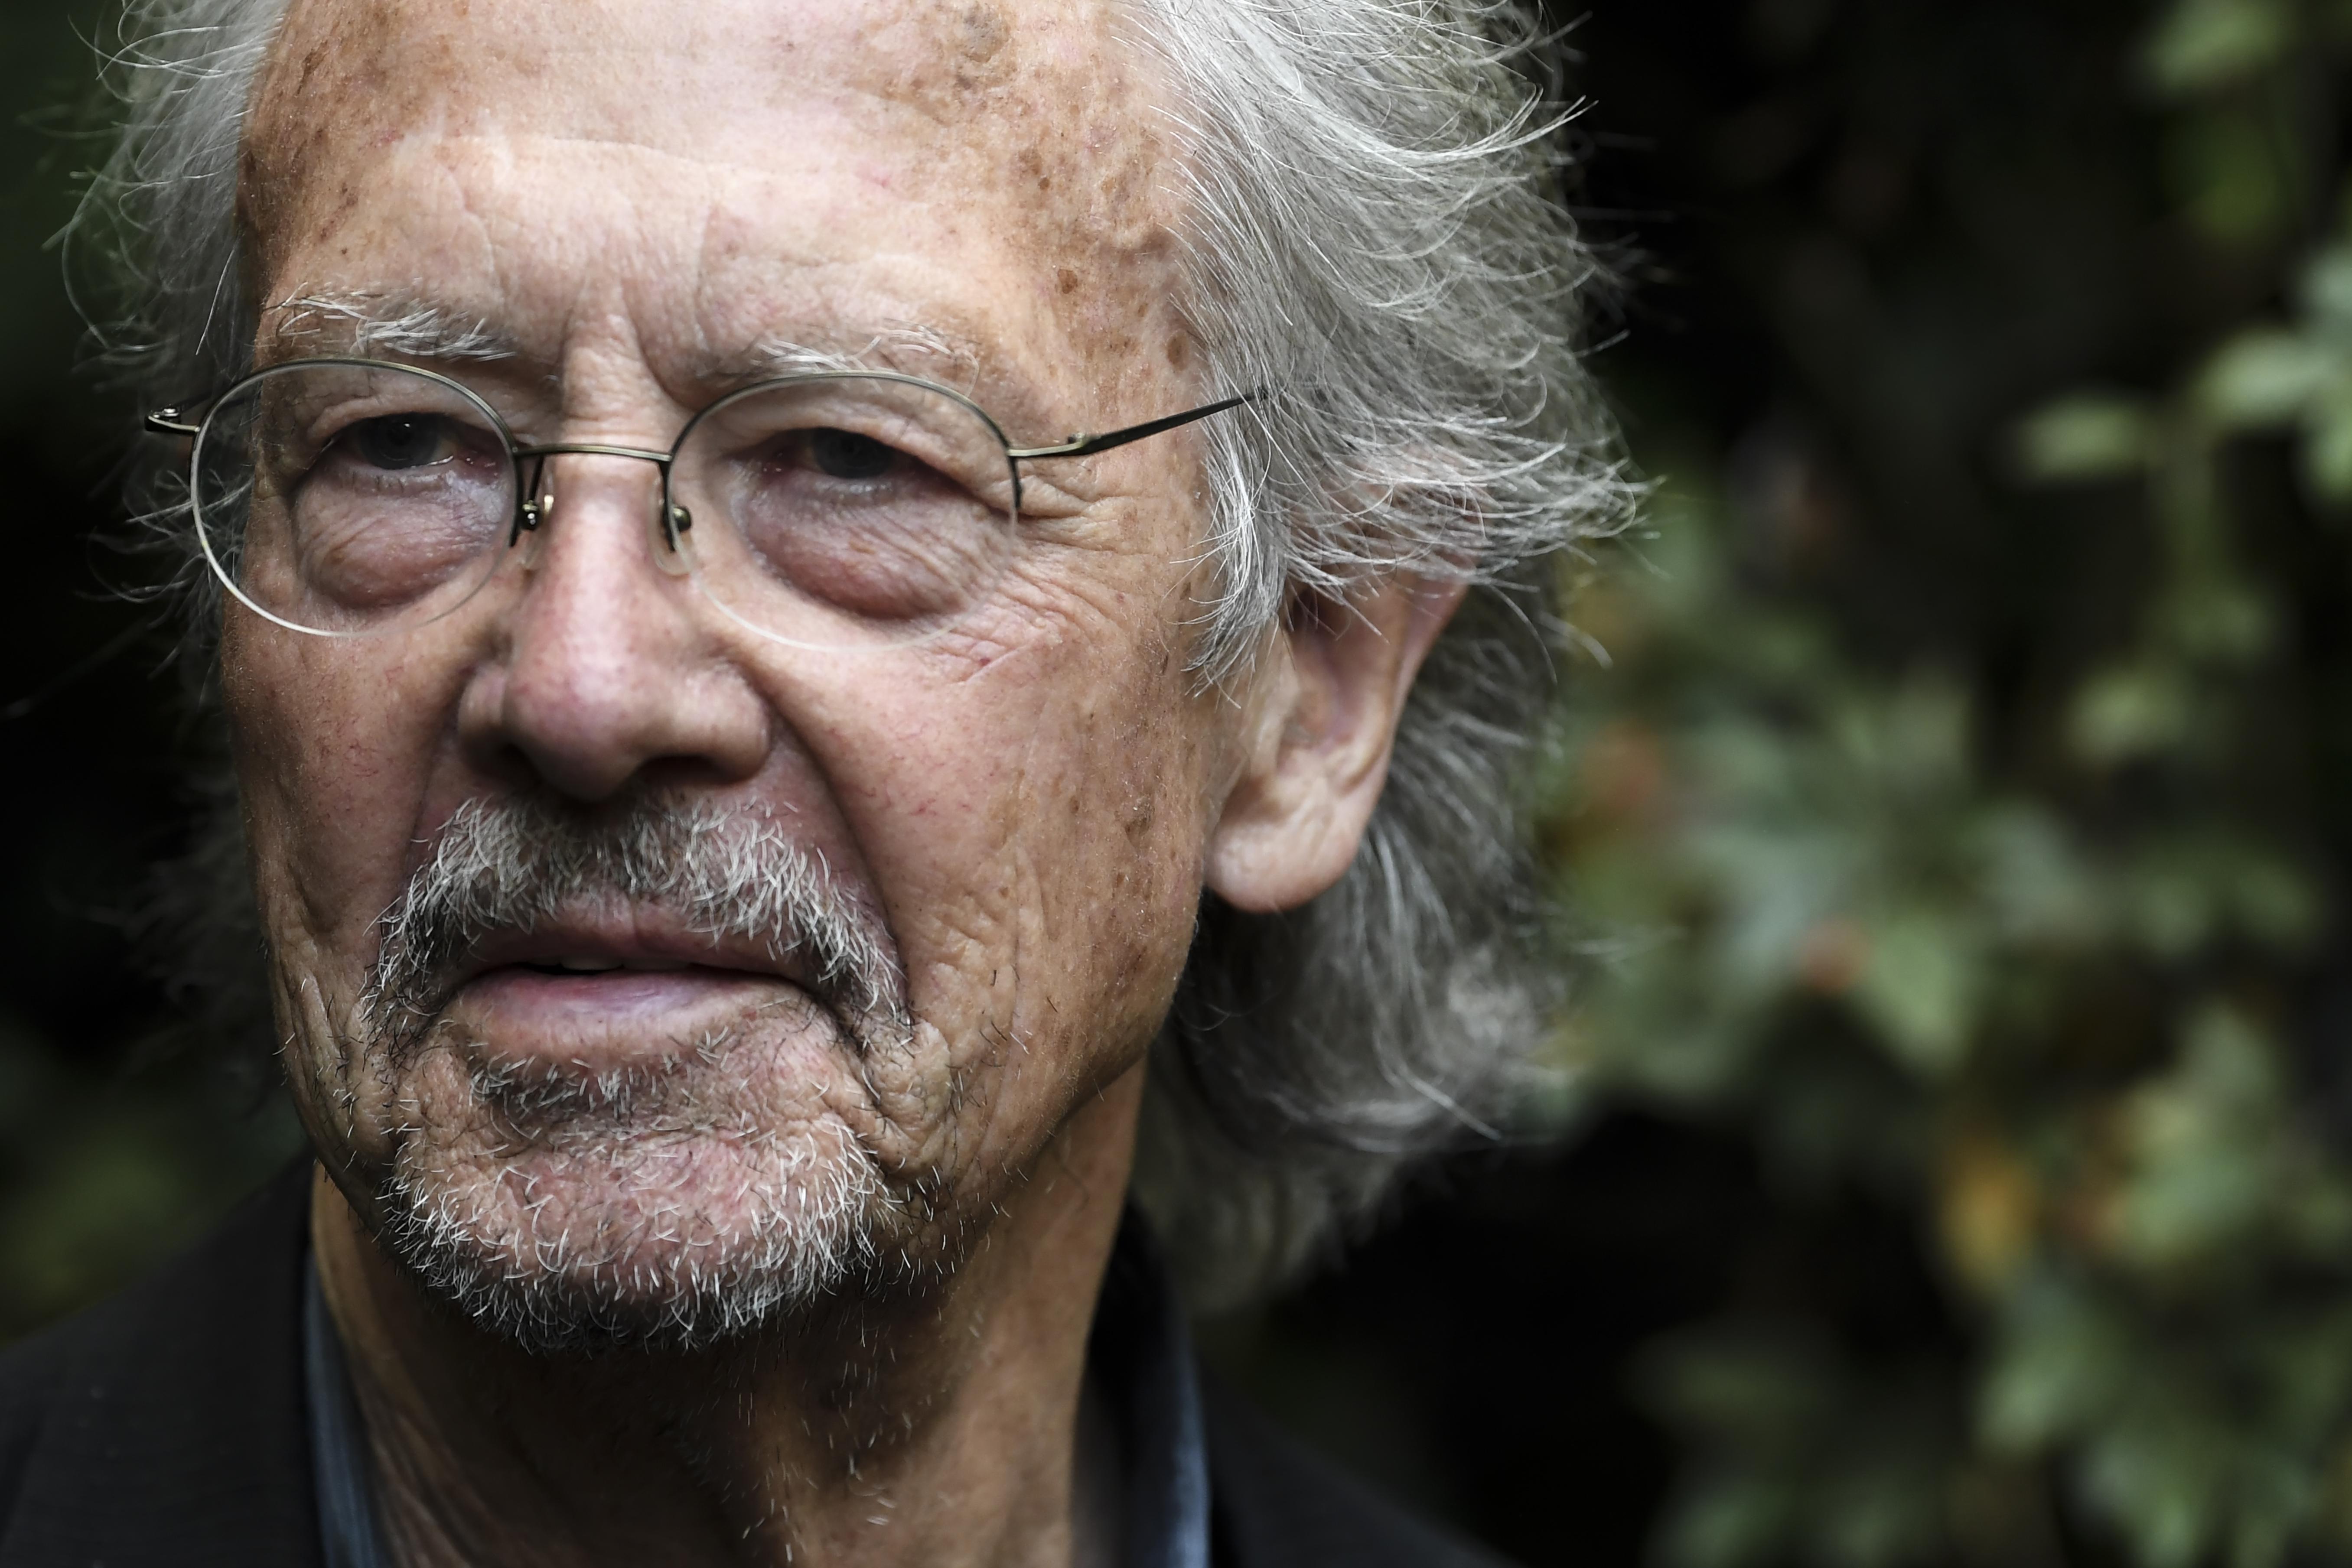 Szabad Nobel-díjat adni olyan írónak, aki háborús bűnösöket menteget?